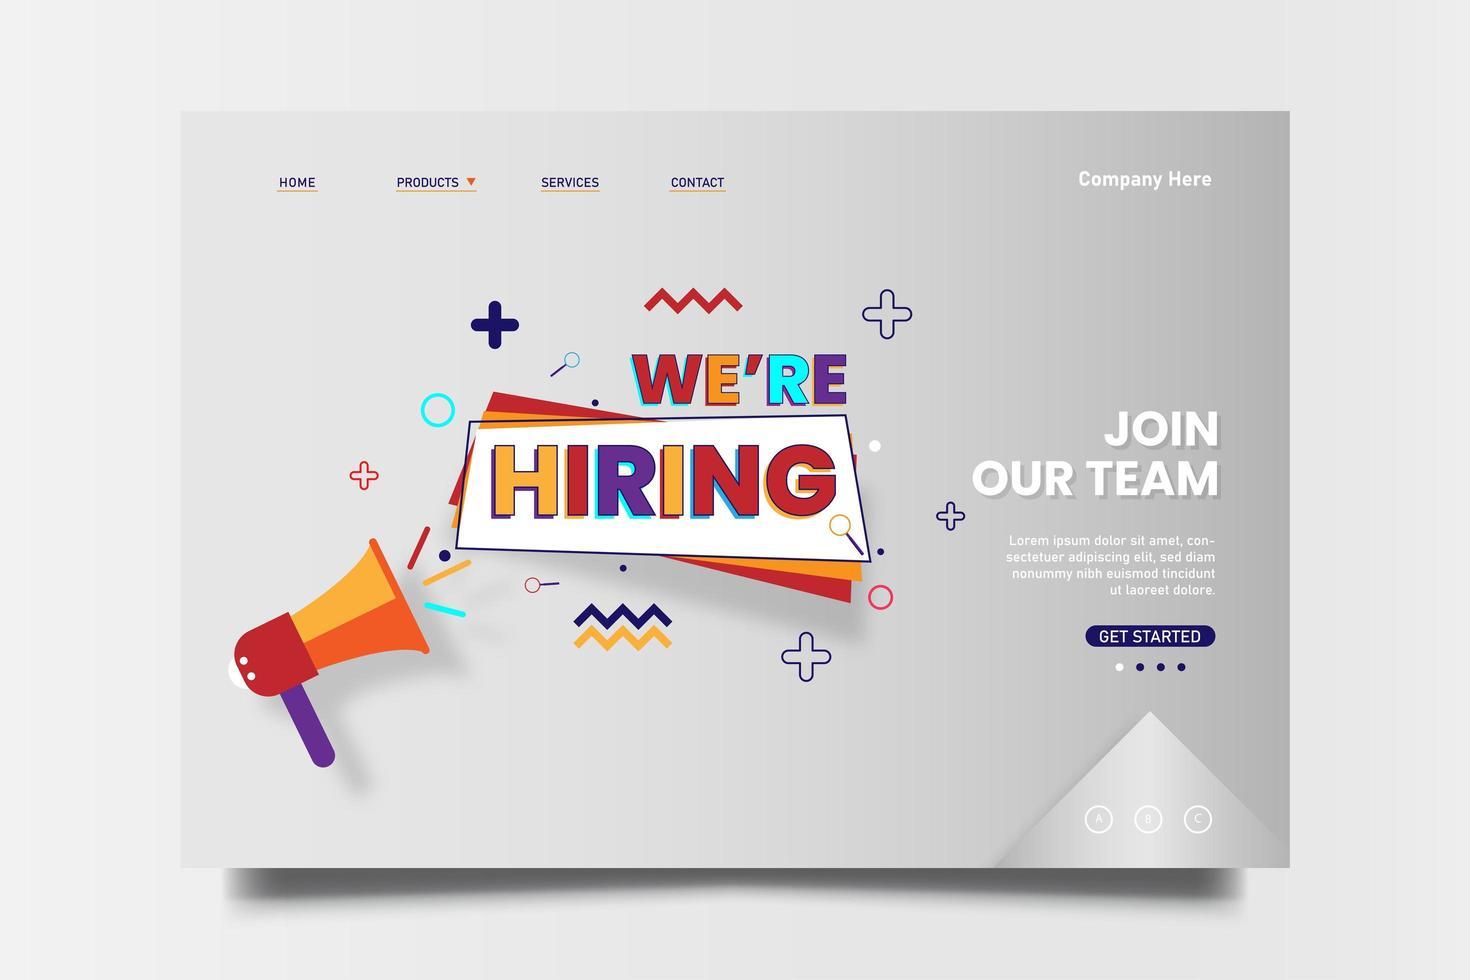 estamos contratando mecanografiado para la página de inicio web con campaña de icono de megáfono. vector